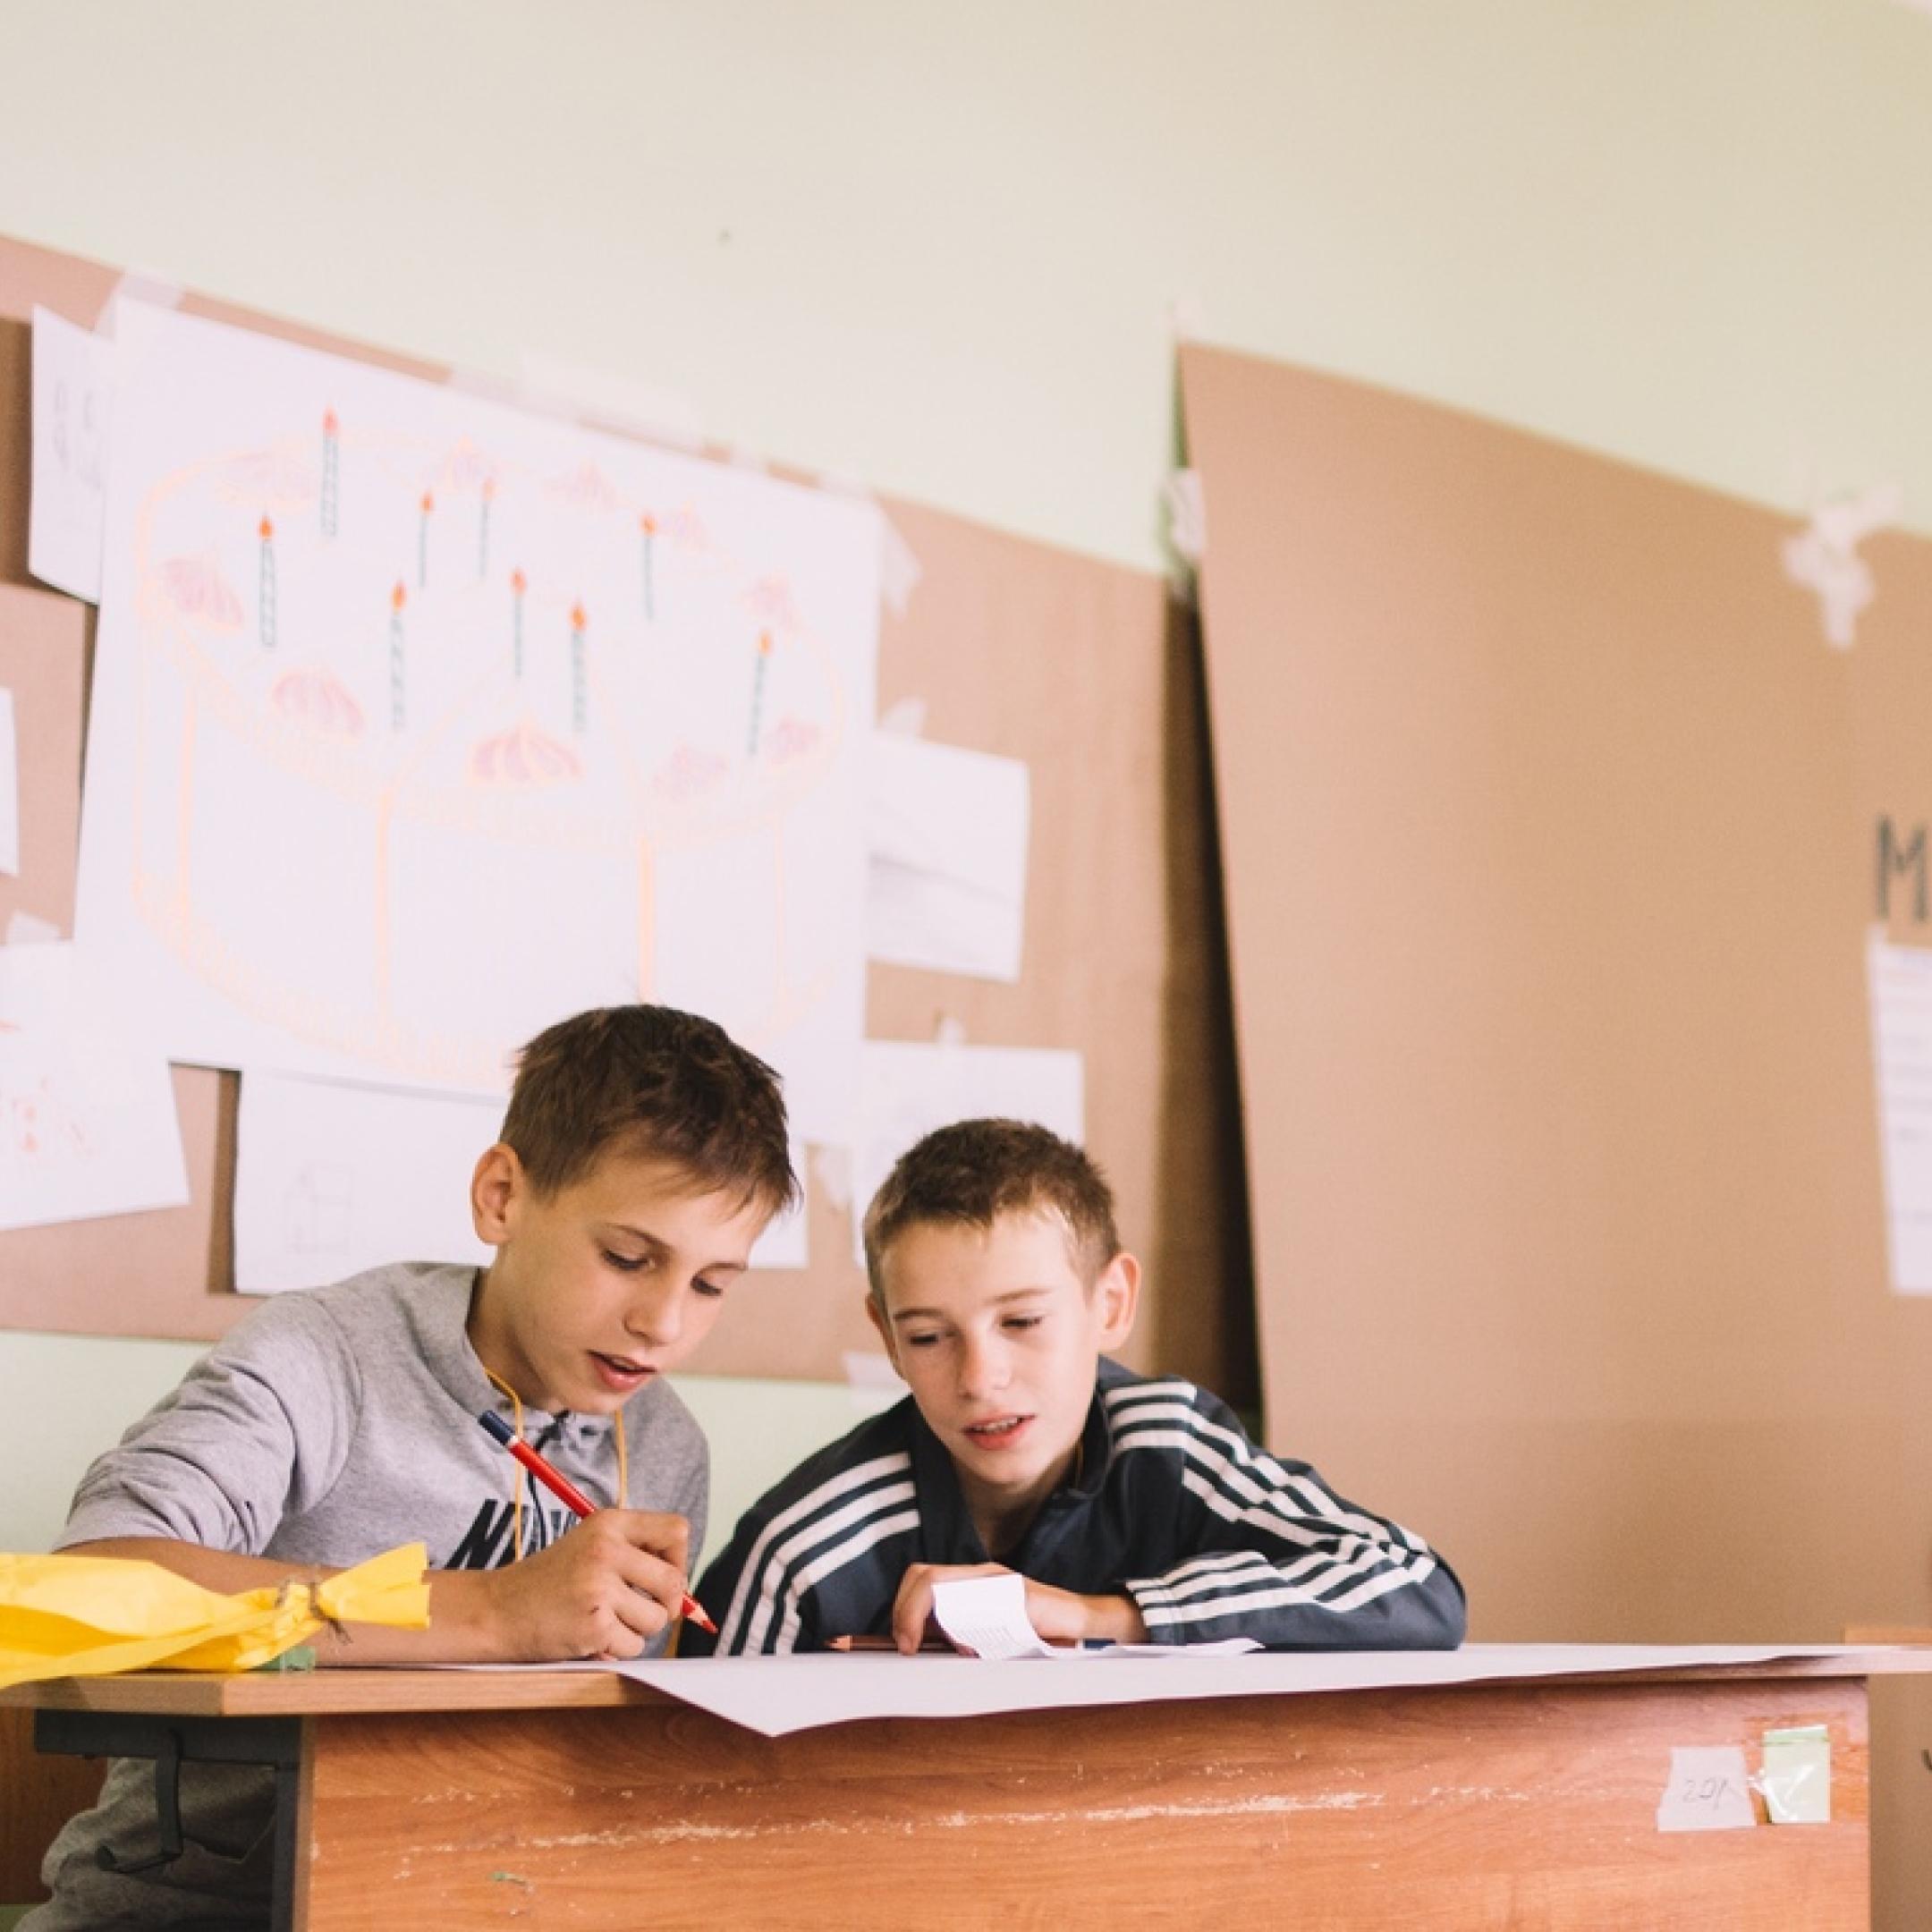 Вшколах, участвующих впрограмме «Учитель для России», стараются вводить новые, нестандартные формы обучения. Фото: uchitel.ru